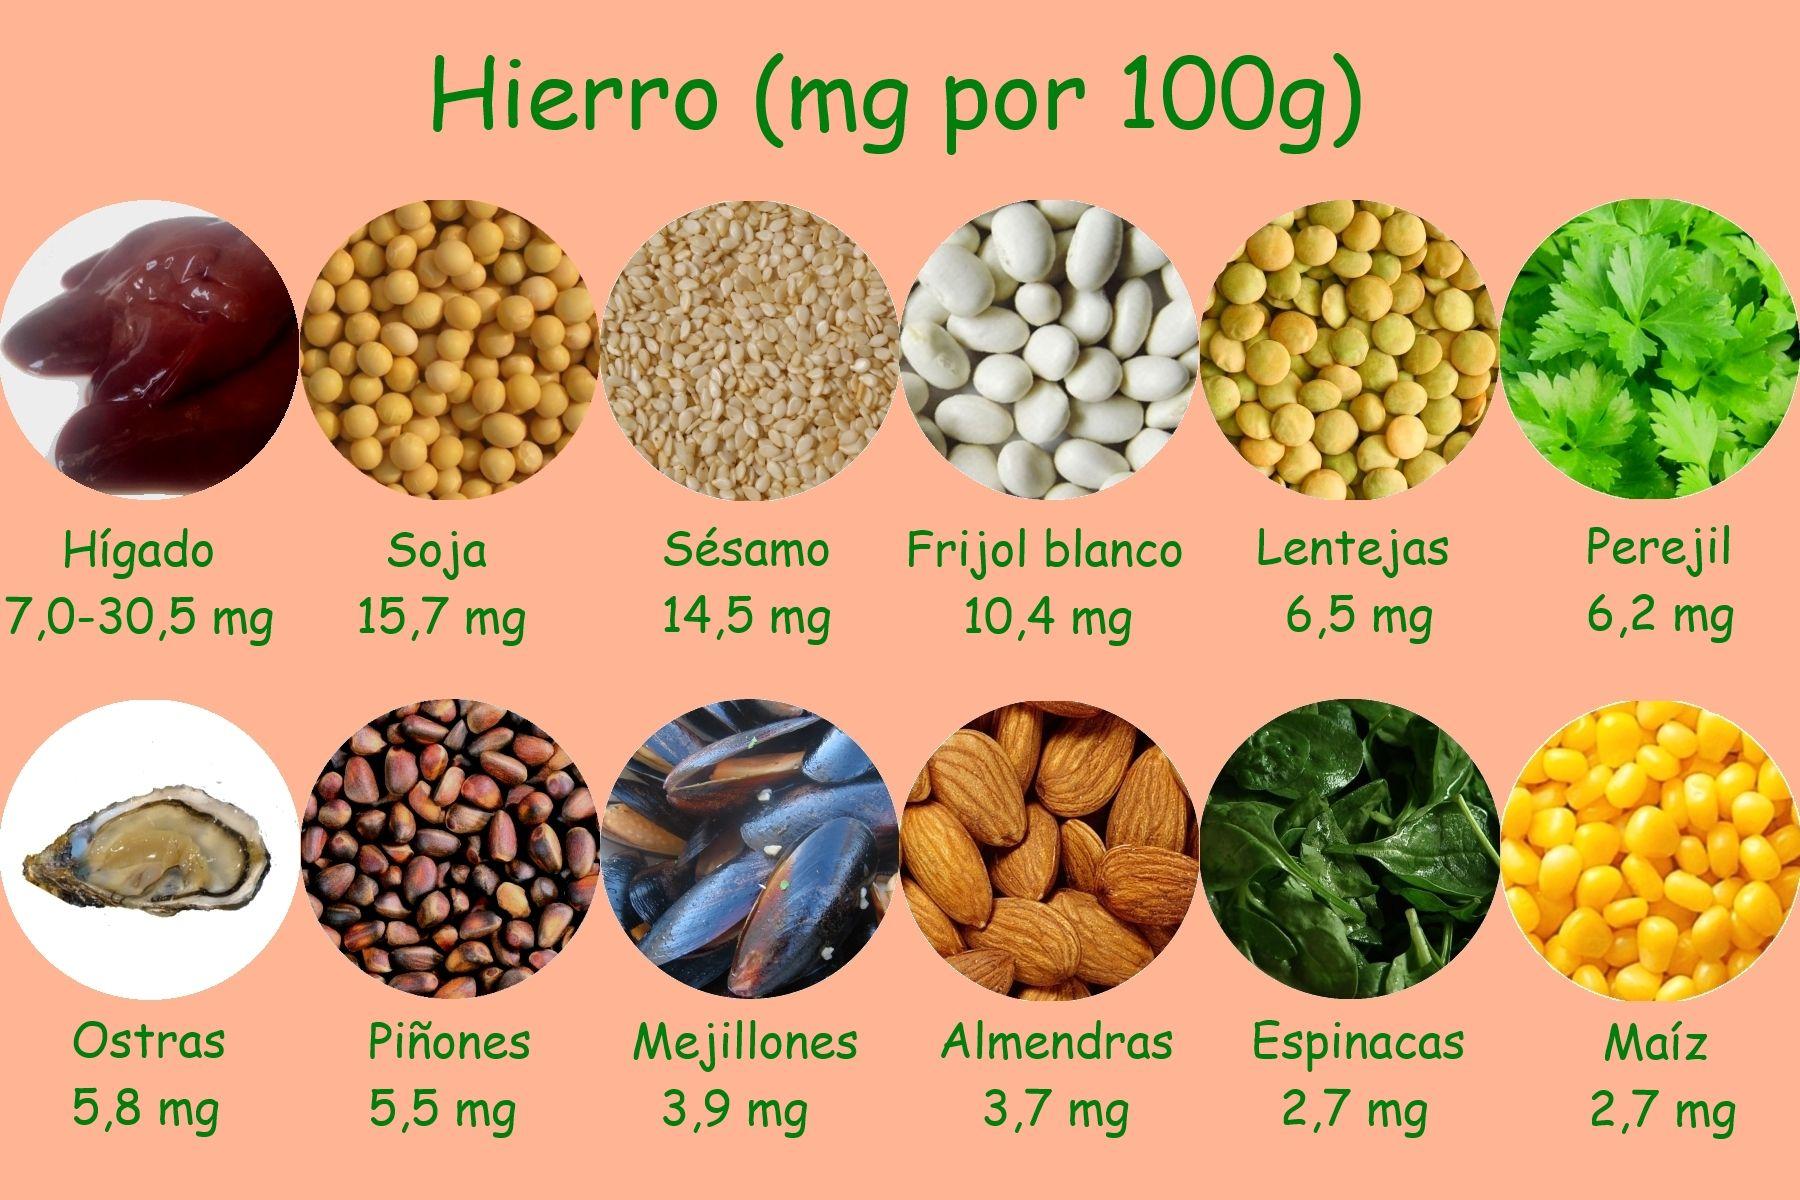 alimentos hierro anemia